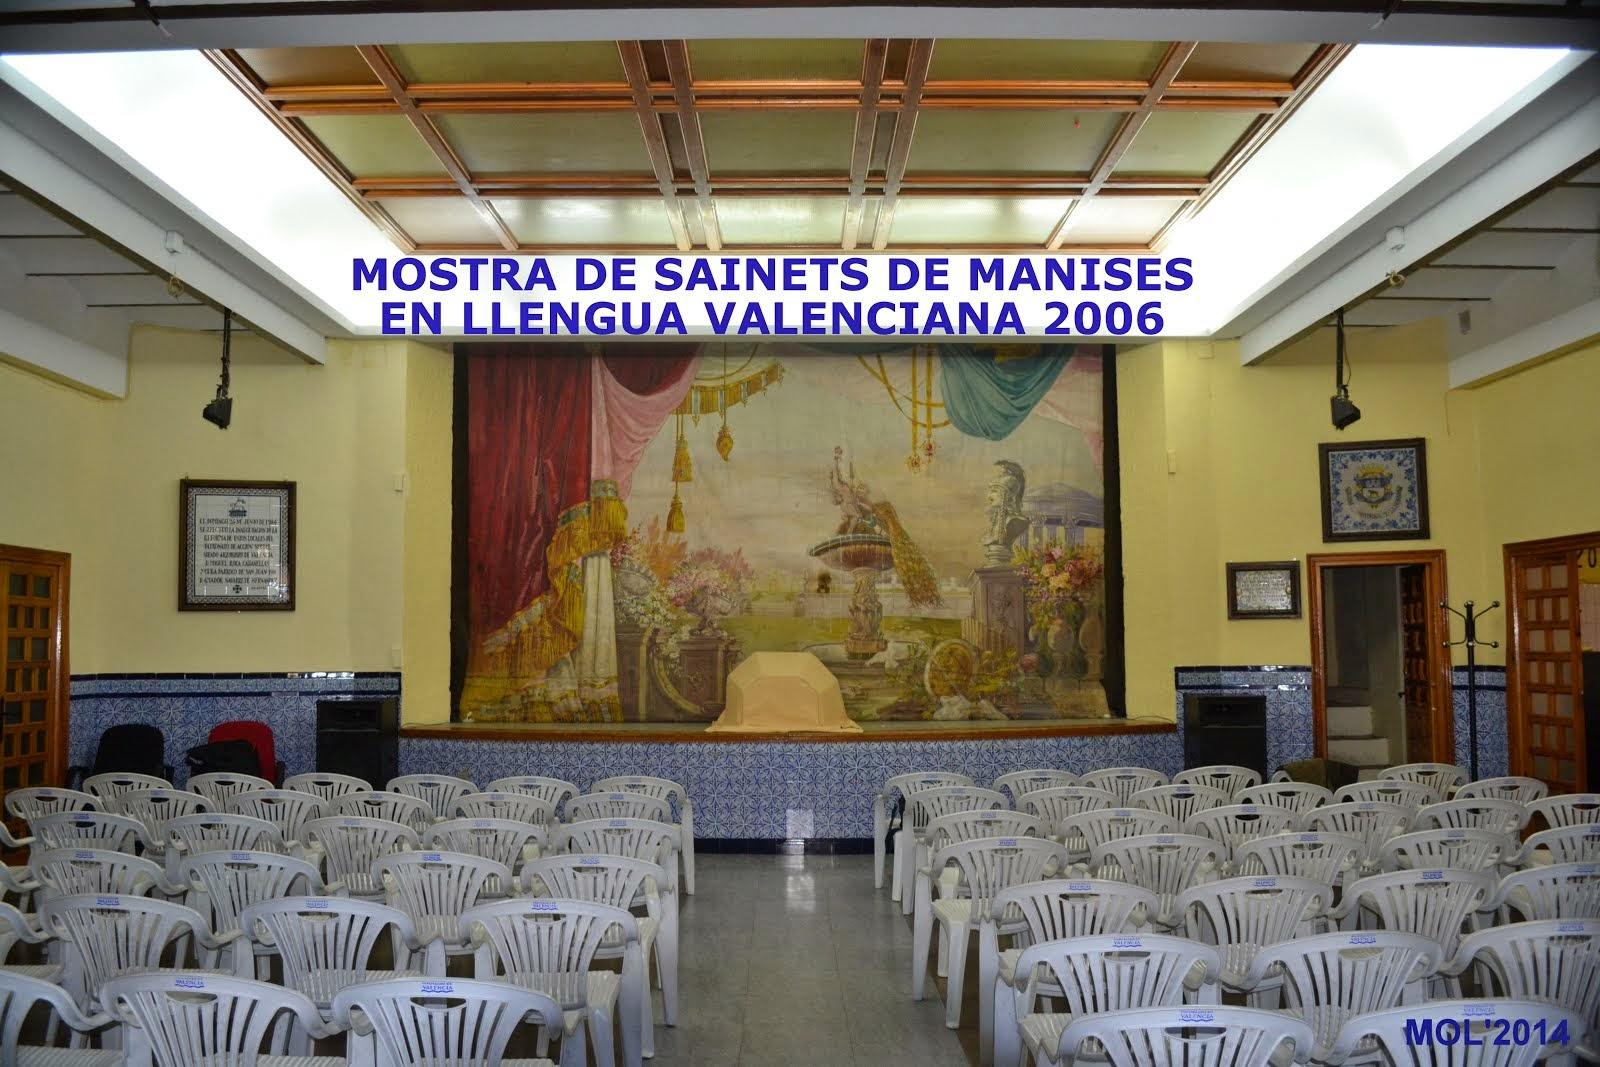 00.05.06 MOSTRA DE SAINETS EN LLENGUA VALENCIANA, MANISES MAIG DE 2006